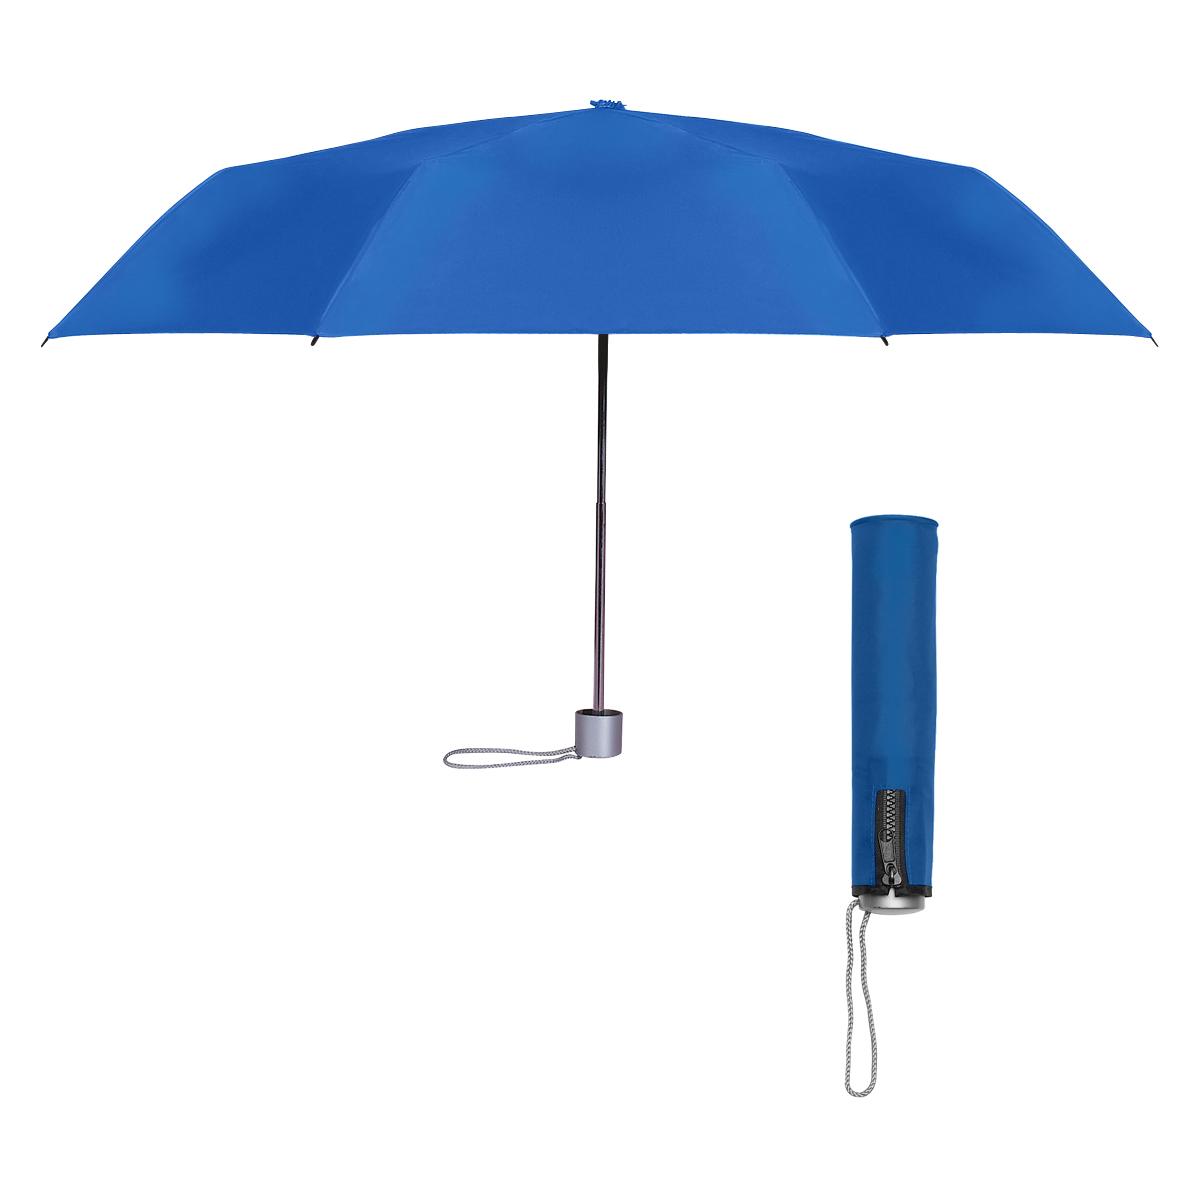 4032 - Paraguas moderno